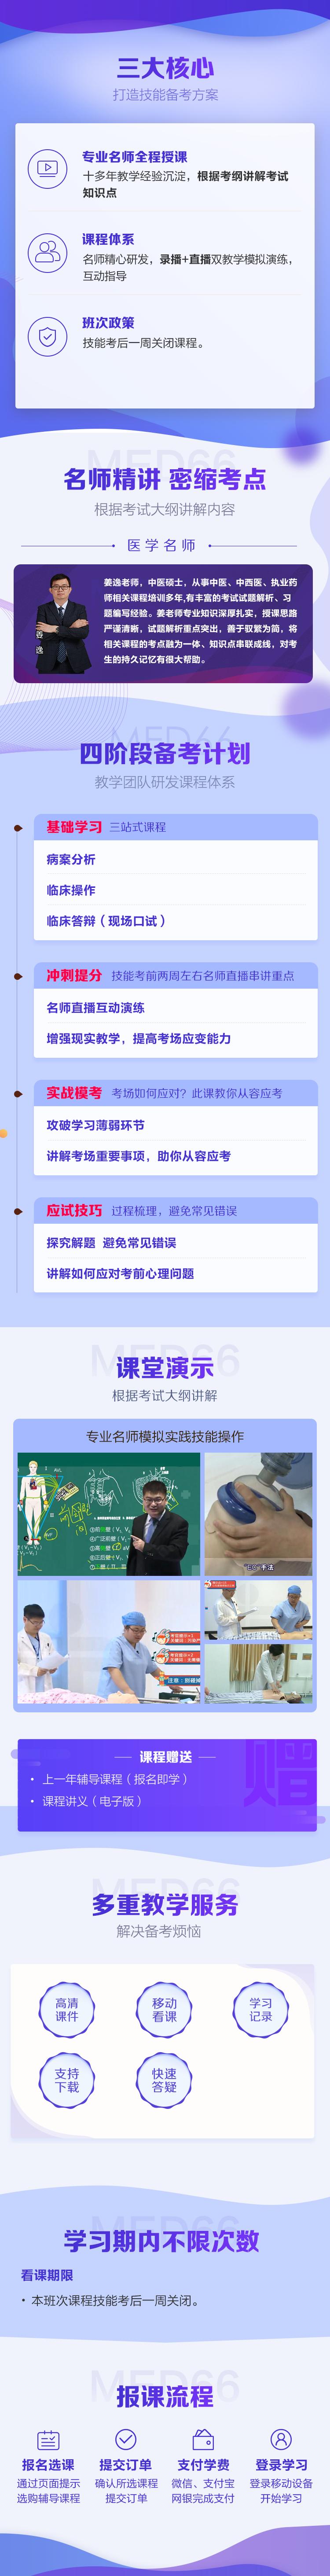 医学教育网中医执业医师技能特色班